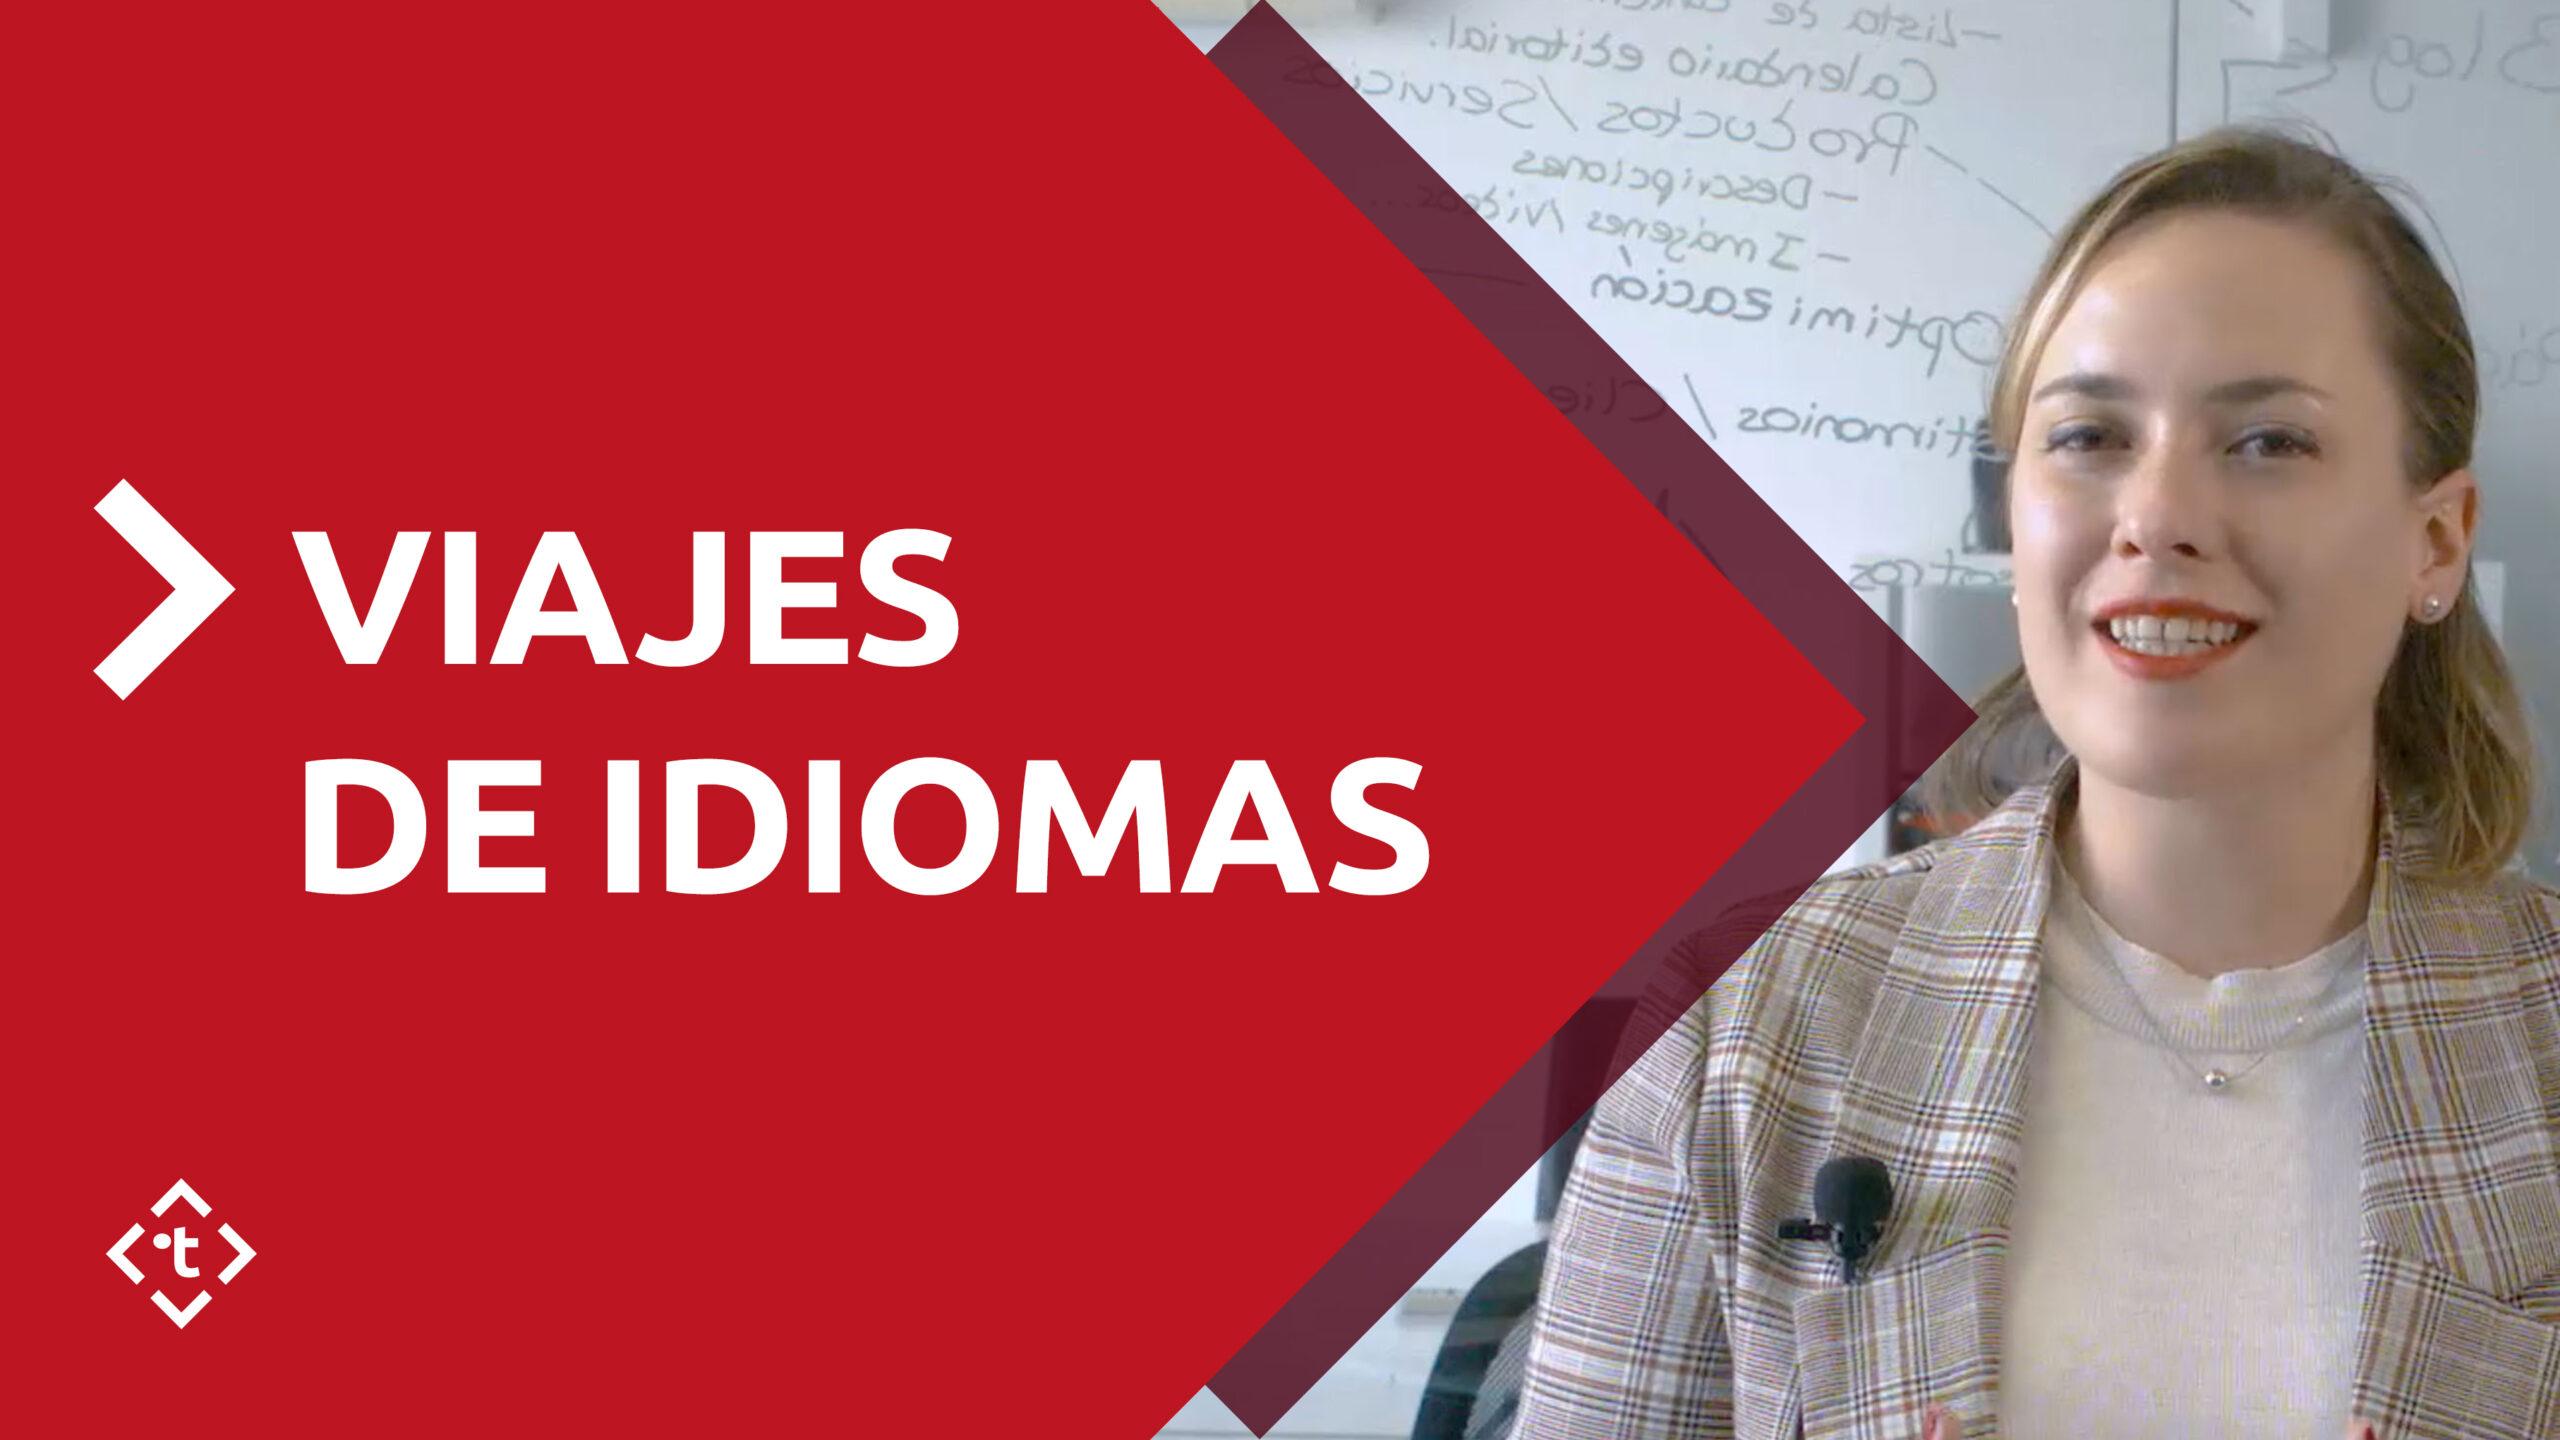 VIAJES DE IDIOMAS